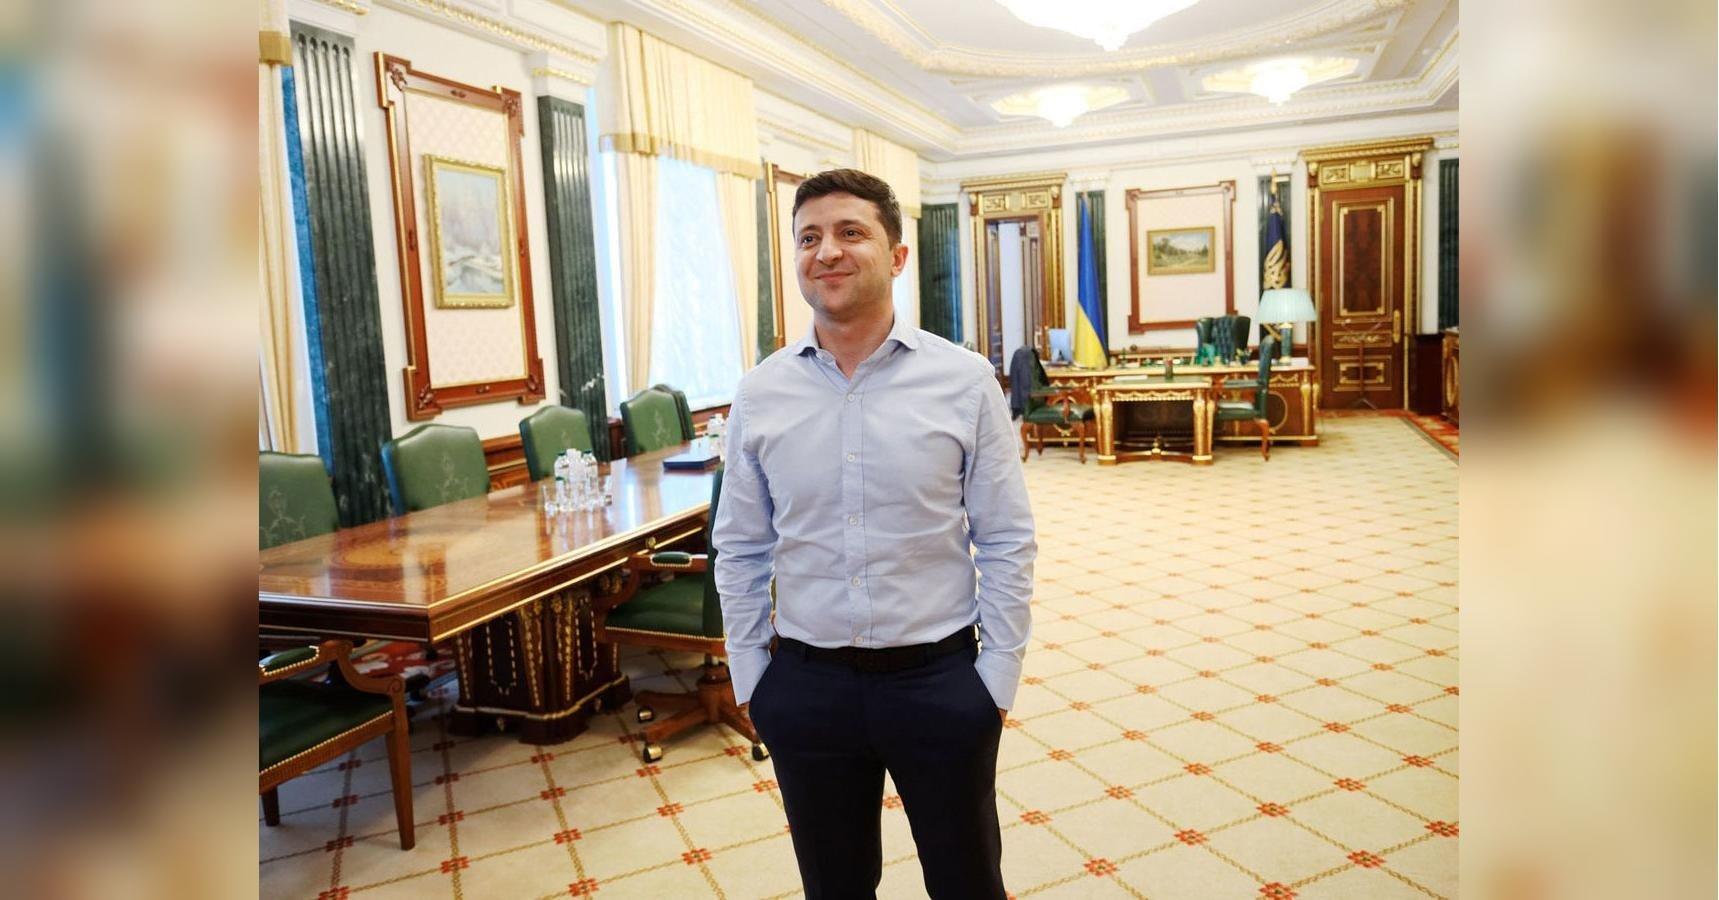 Зеленский переехал жить на дачу: президент неожиданно продал дом - today.ua